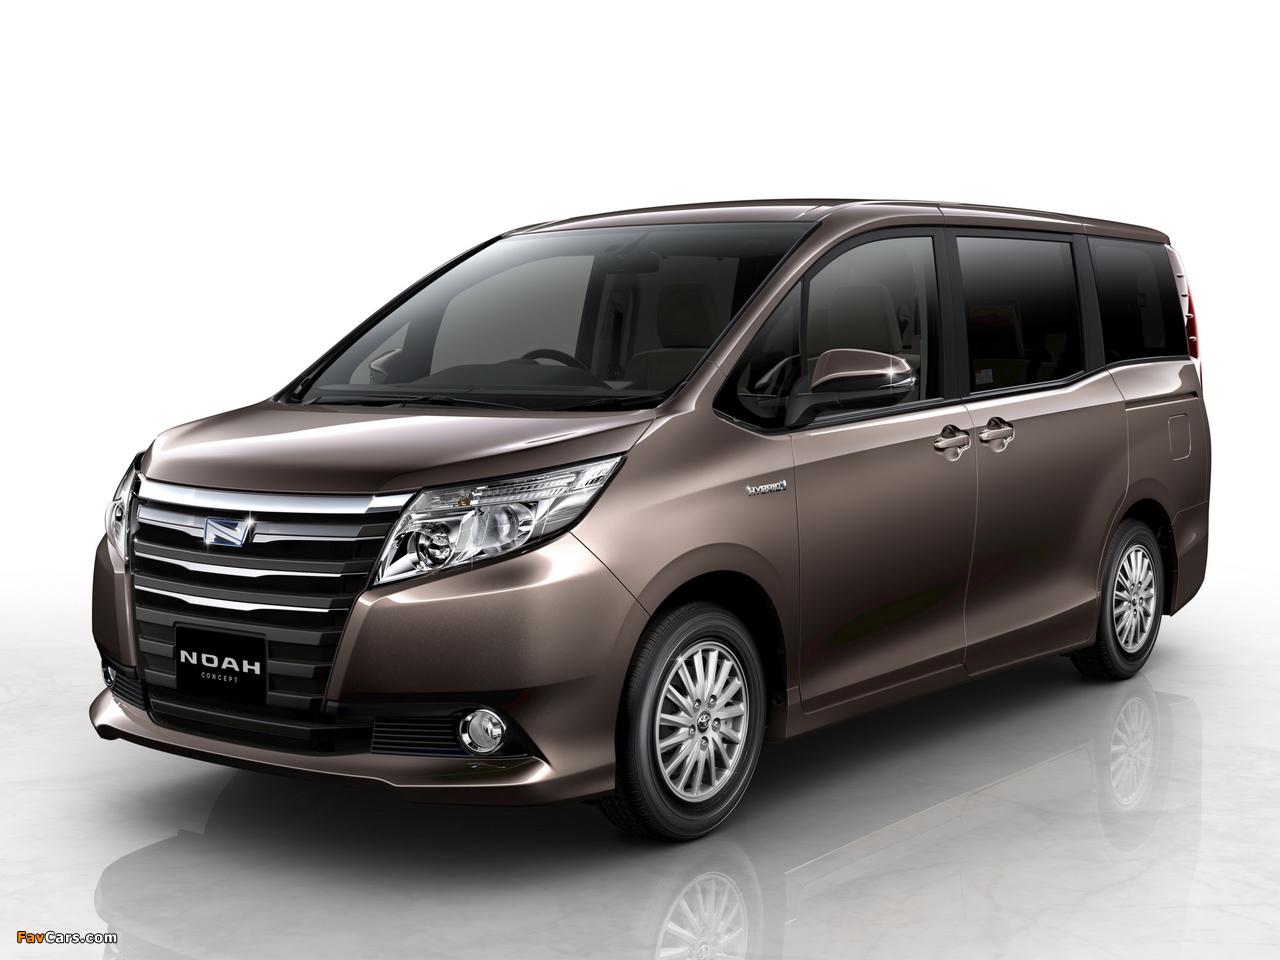 Toyota Noah Concept 2013 pictures (1280 x 960)